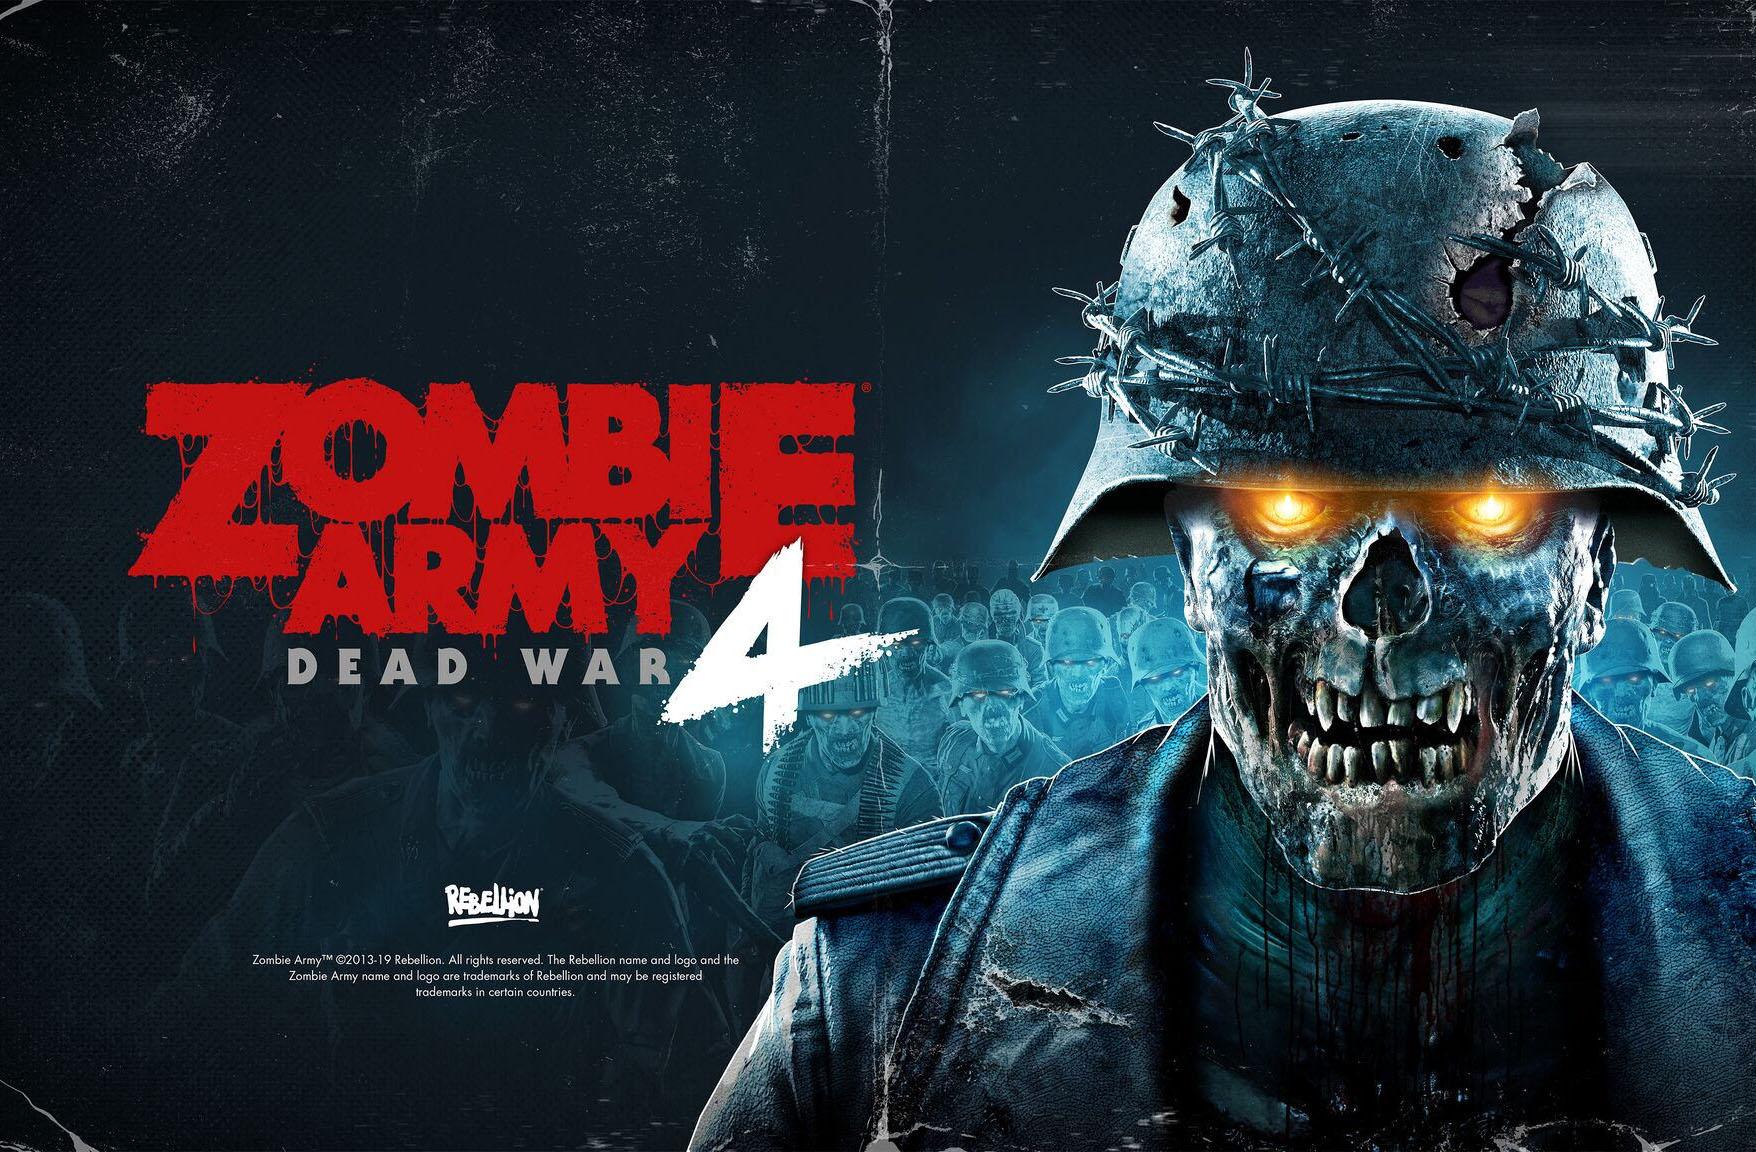 عنوان Zombie Army 4: Dead War در جریان معرفی بازیهای رایانهای رونمایی شد +تریلر